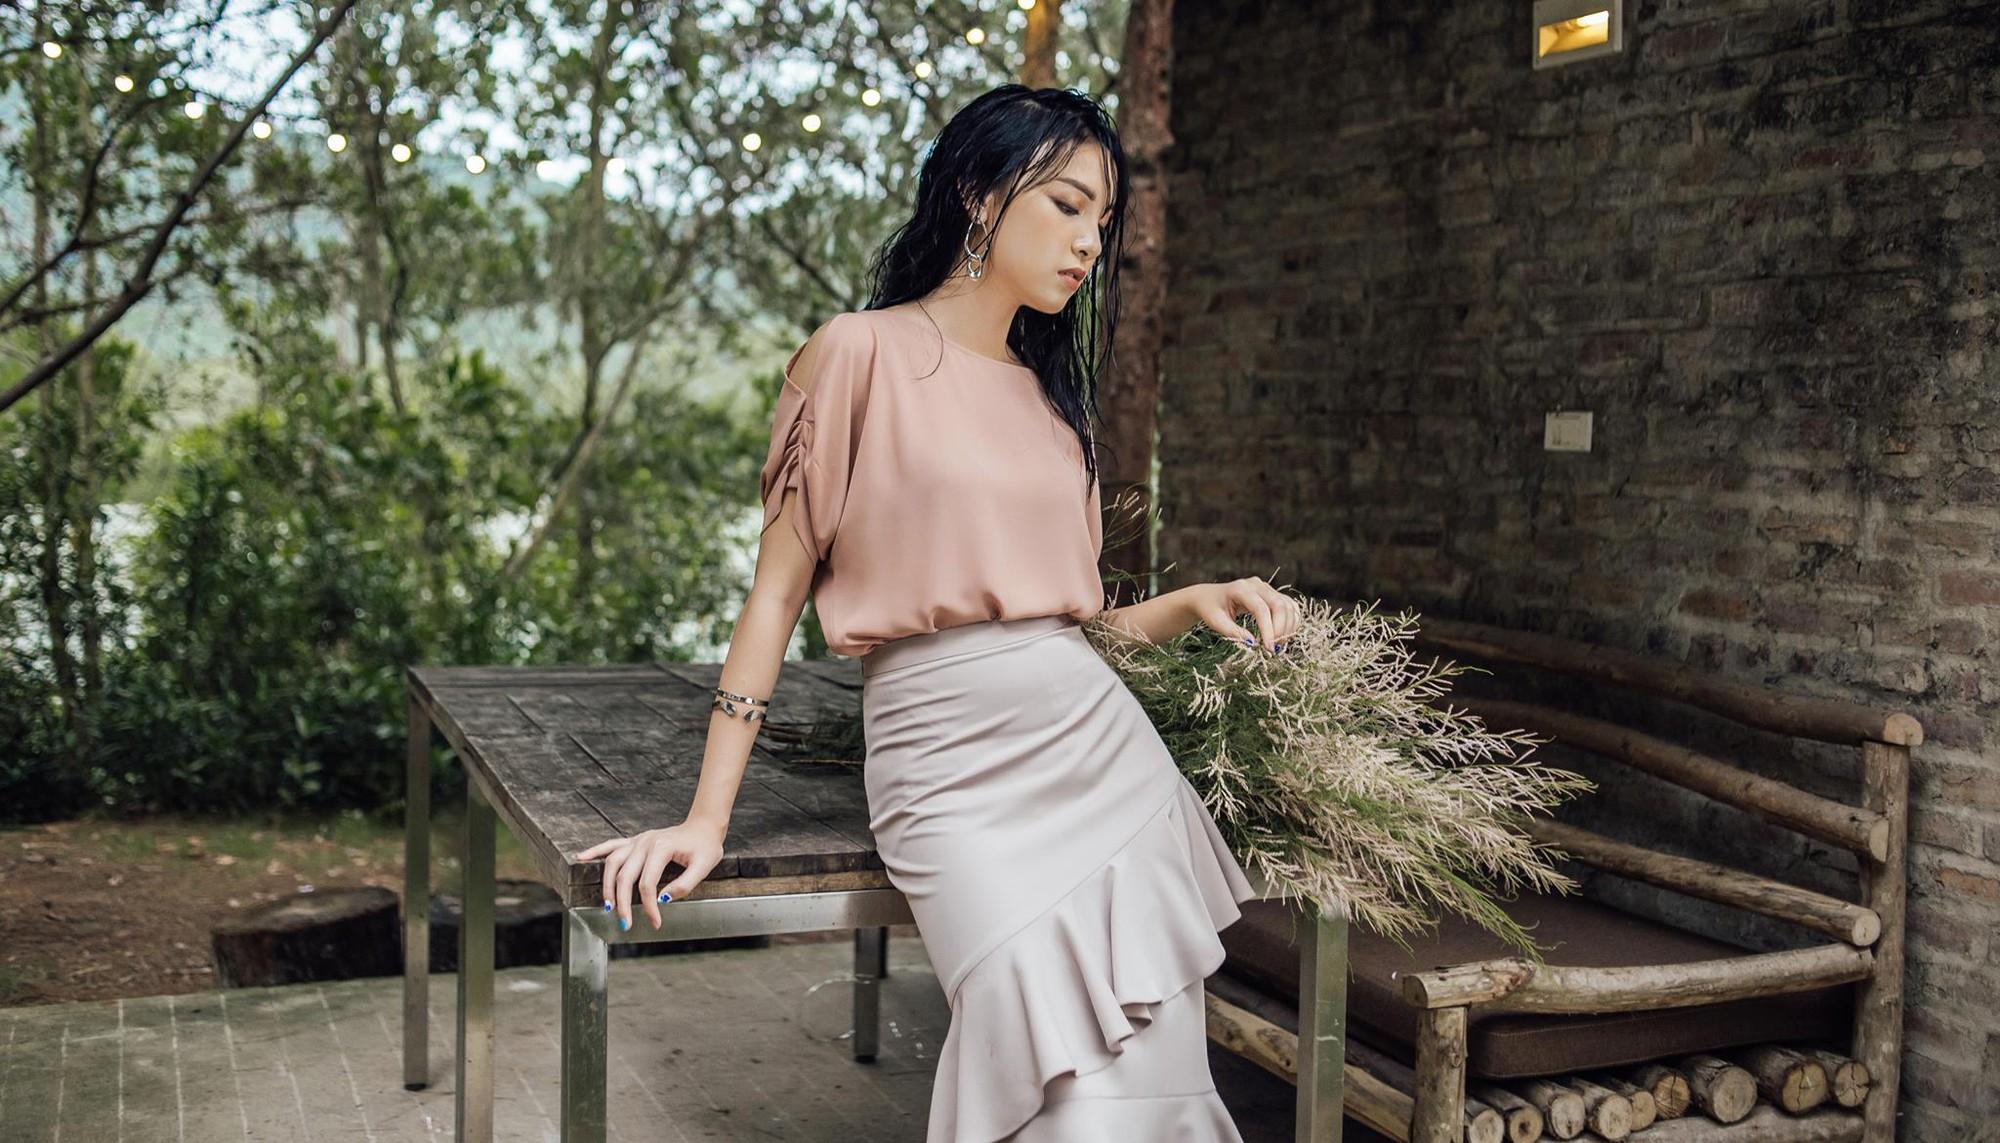 Cô nàng du học sinh Việt tại Nhật gây ấn tượng với nhan sắc ngọt ngào - Ảnh 10.